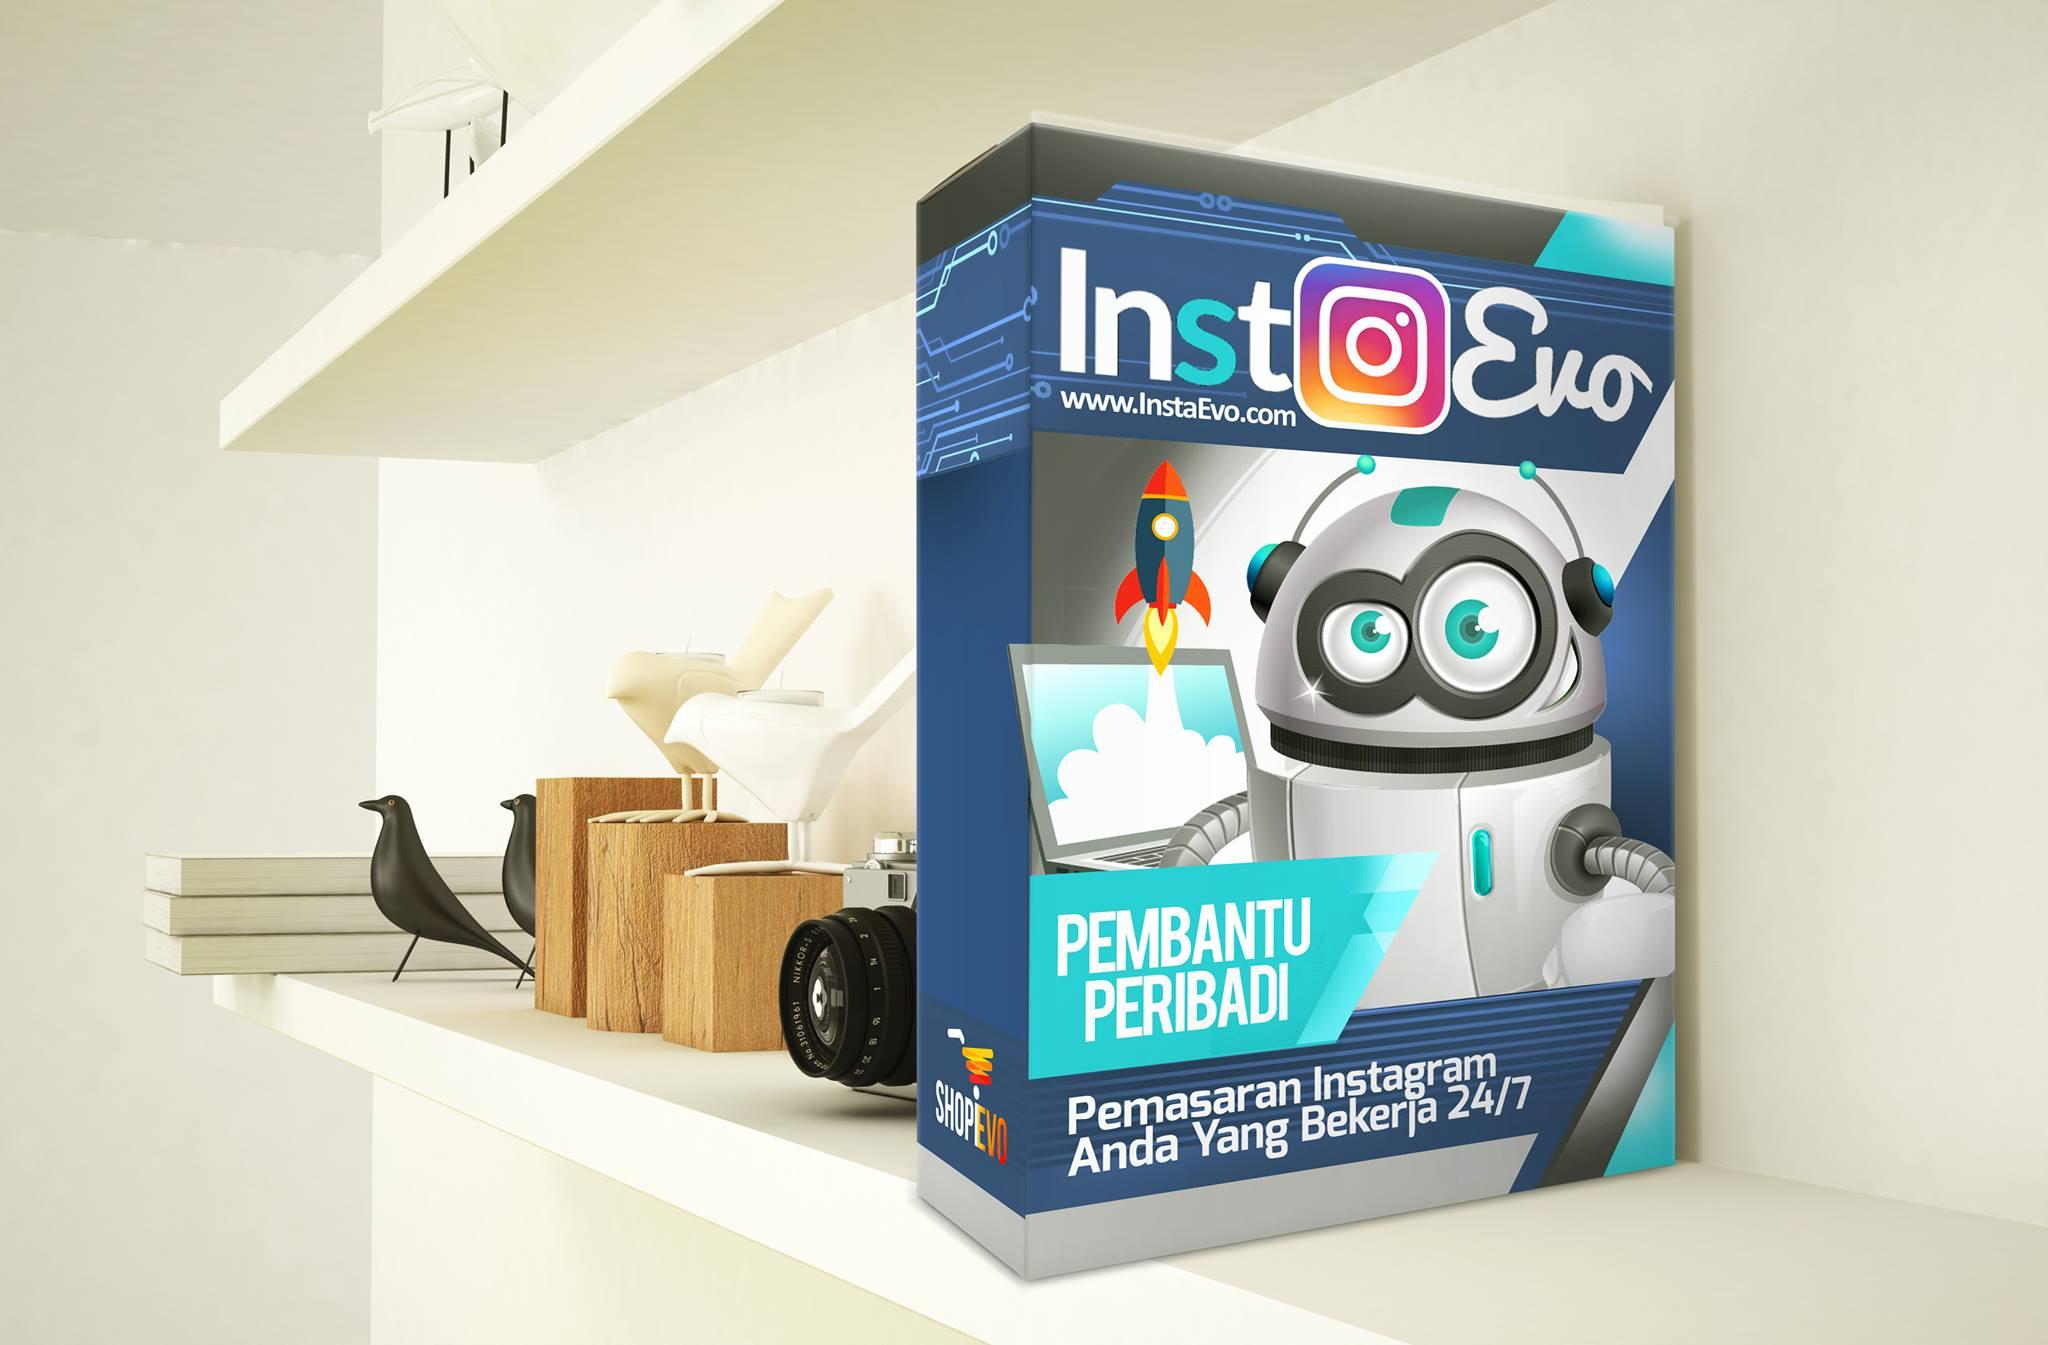 InstaEvo – Rahsia Mudah Urus Bisnes & Jana Pendapatan di Instagram